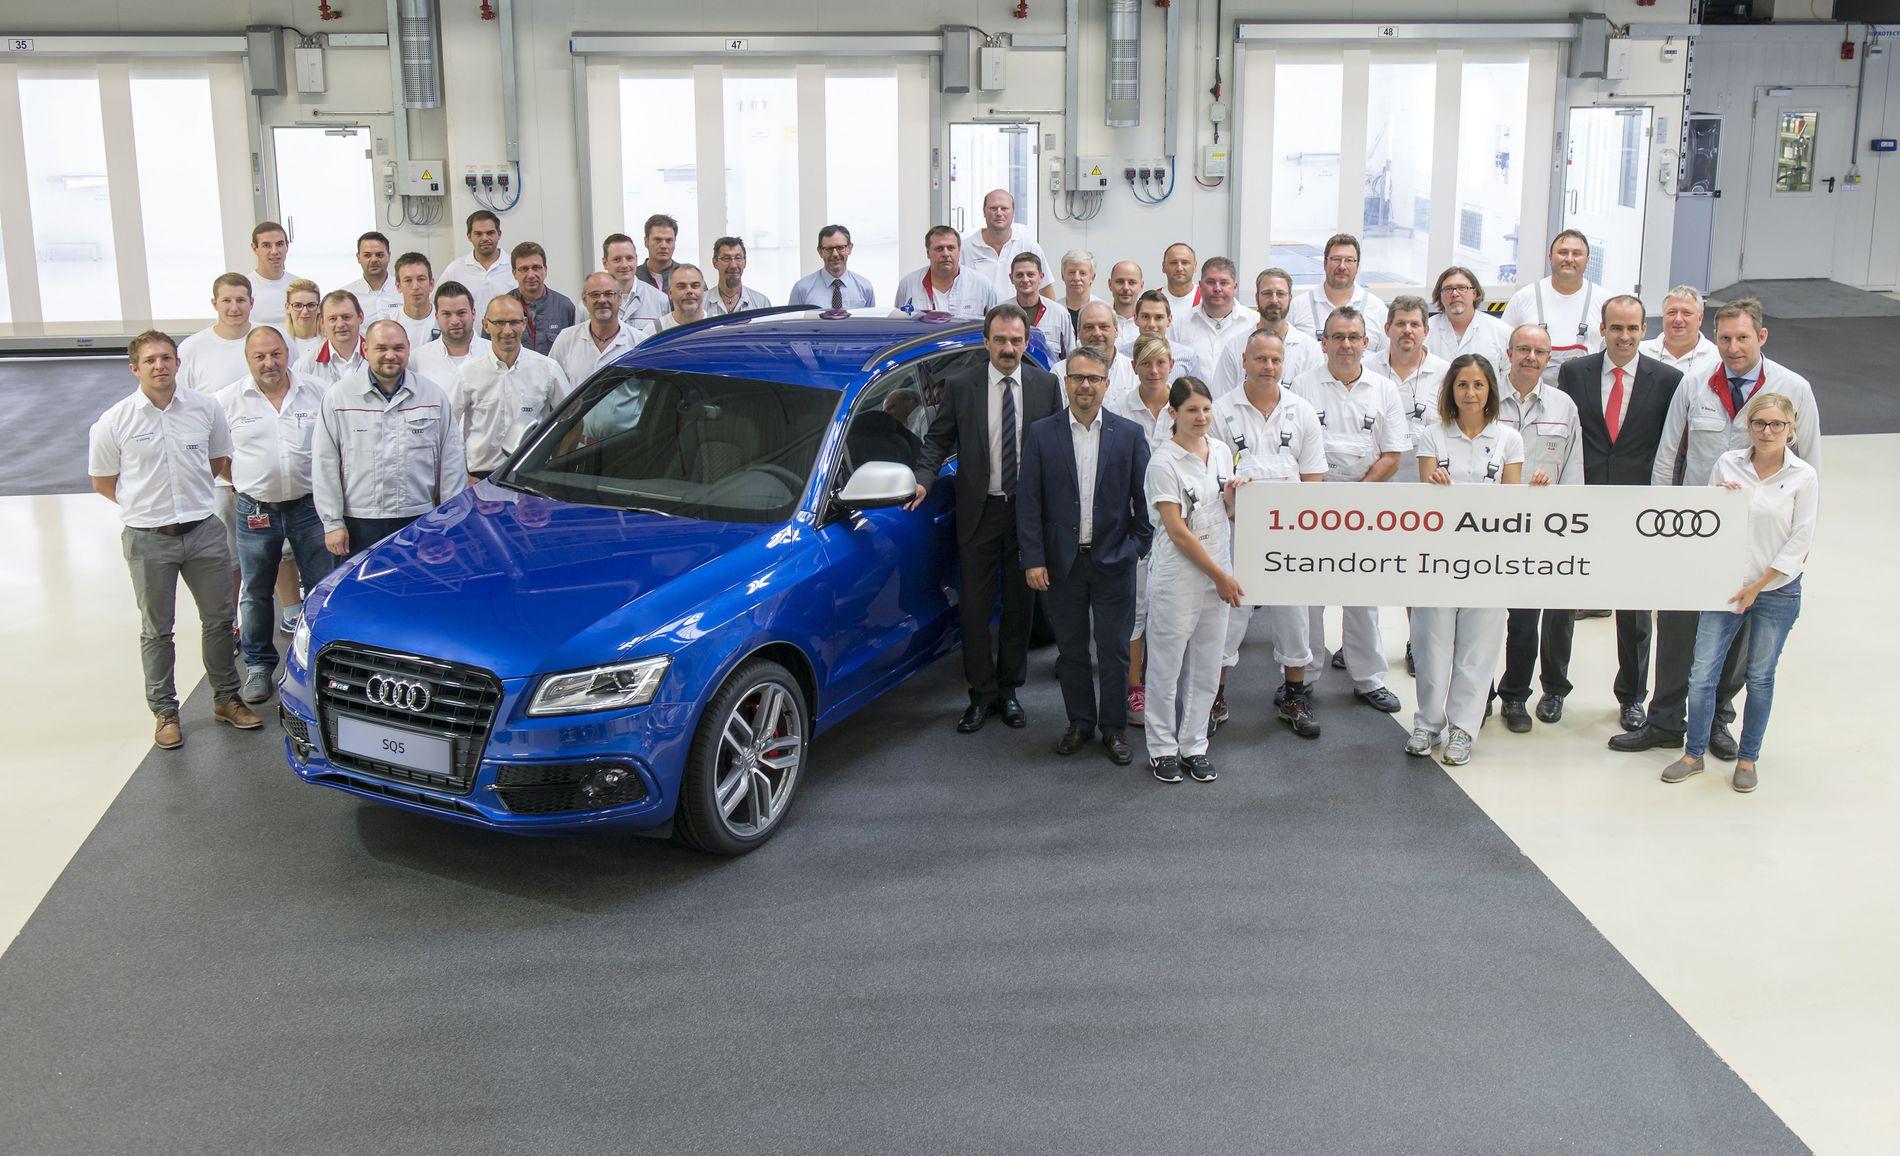 NUMMER TRE: Tidligere i år ble Audi Q5 nummer én million laget på Audi-fabrikken i Ingolstad, men det ser ut som ikke klarer å holde tritt med sine argeste konkurrenters salgstall.